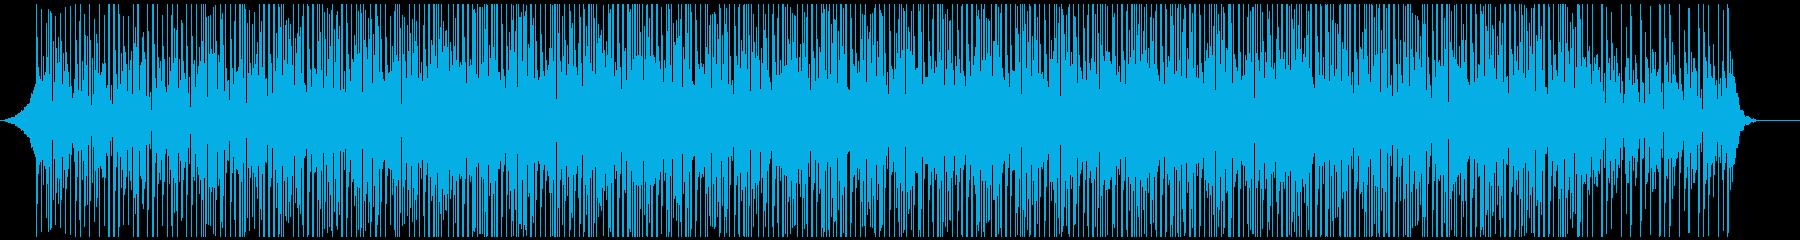 ビジネス向け明るいエレキギターのBGMの再生済みの波形